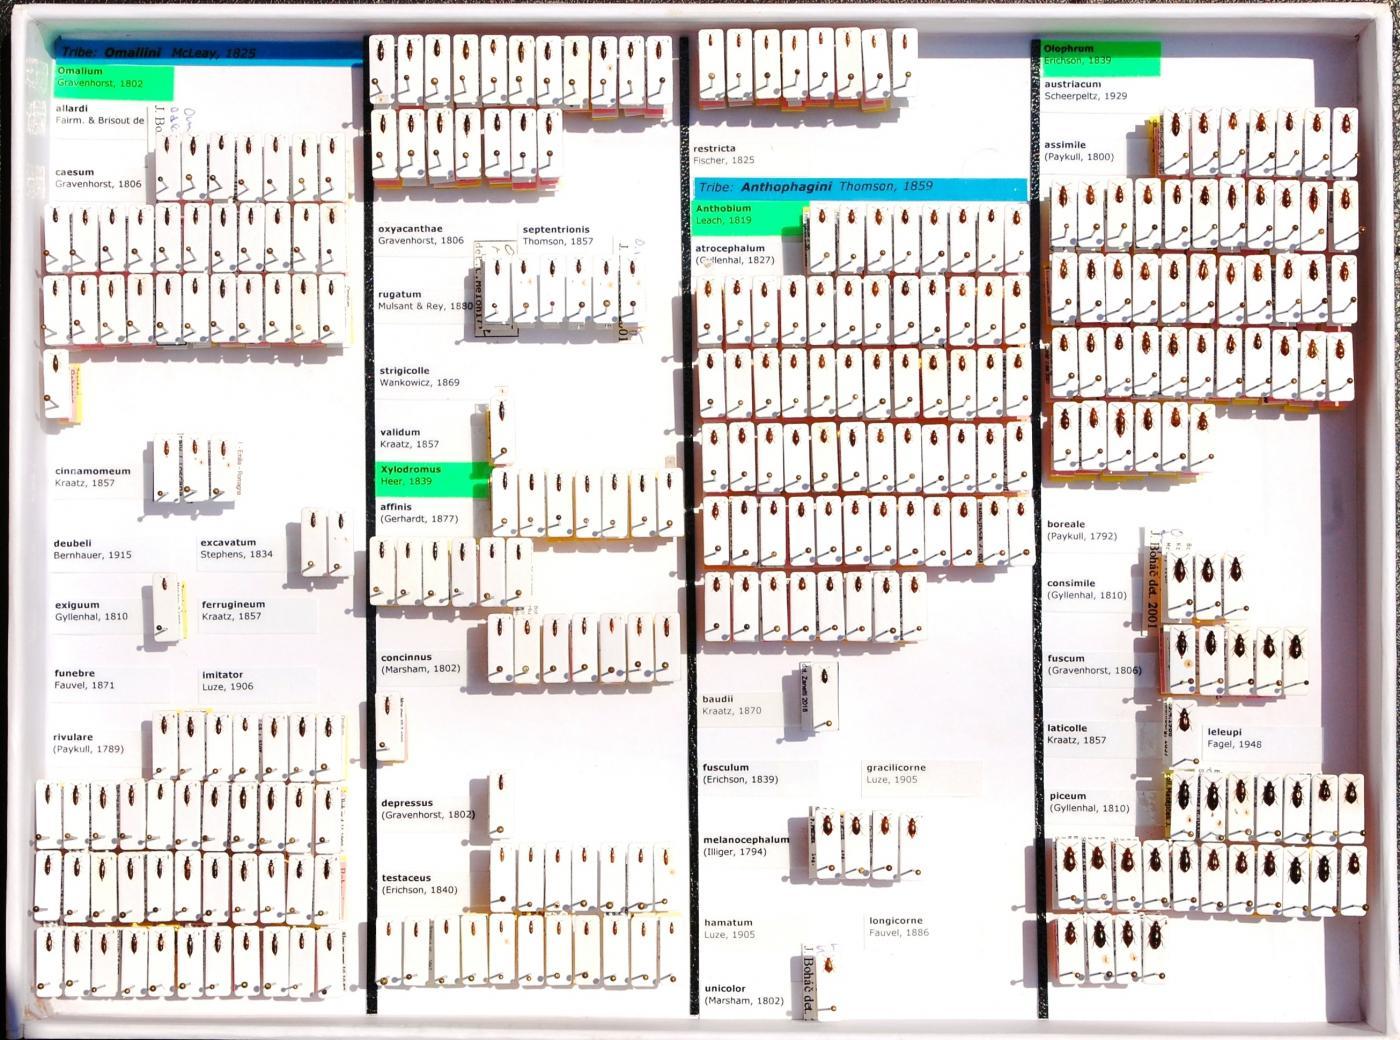 Staphylinidae_14.JPG - кликните, чтобы открыть увеличенную картинку